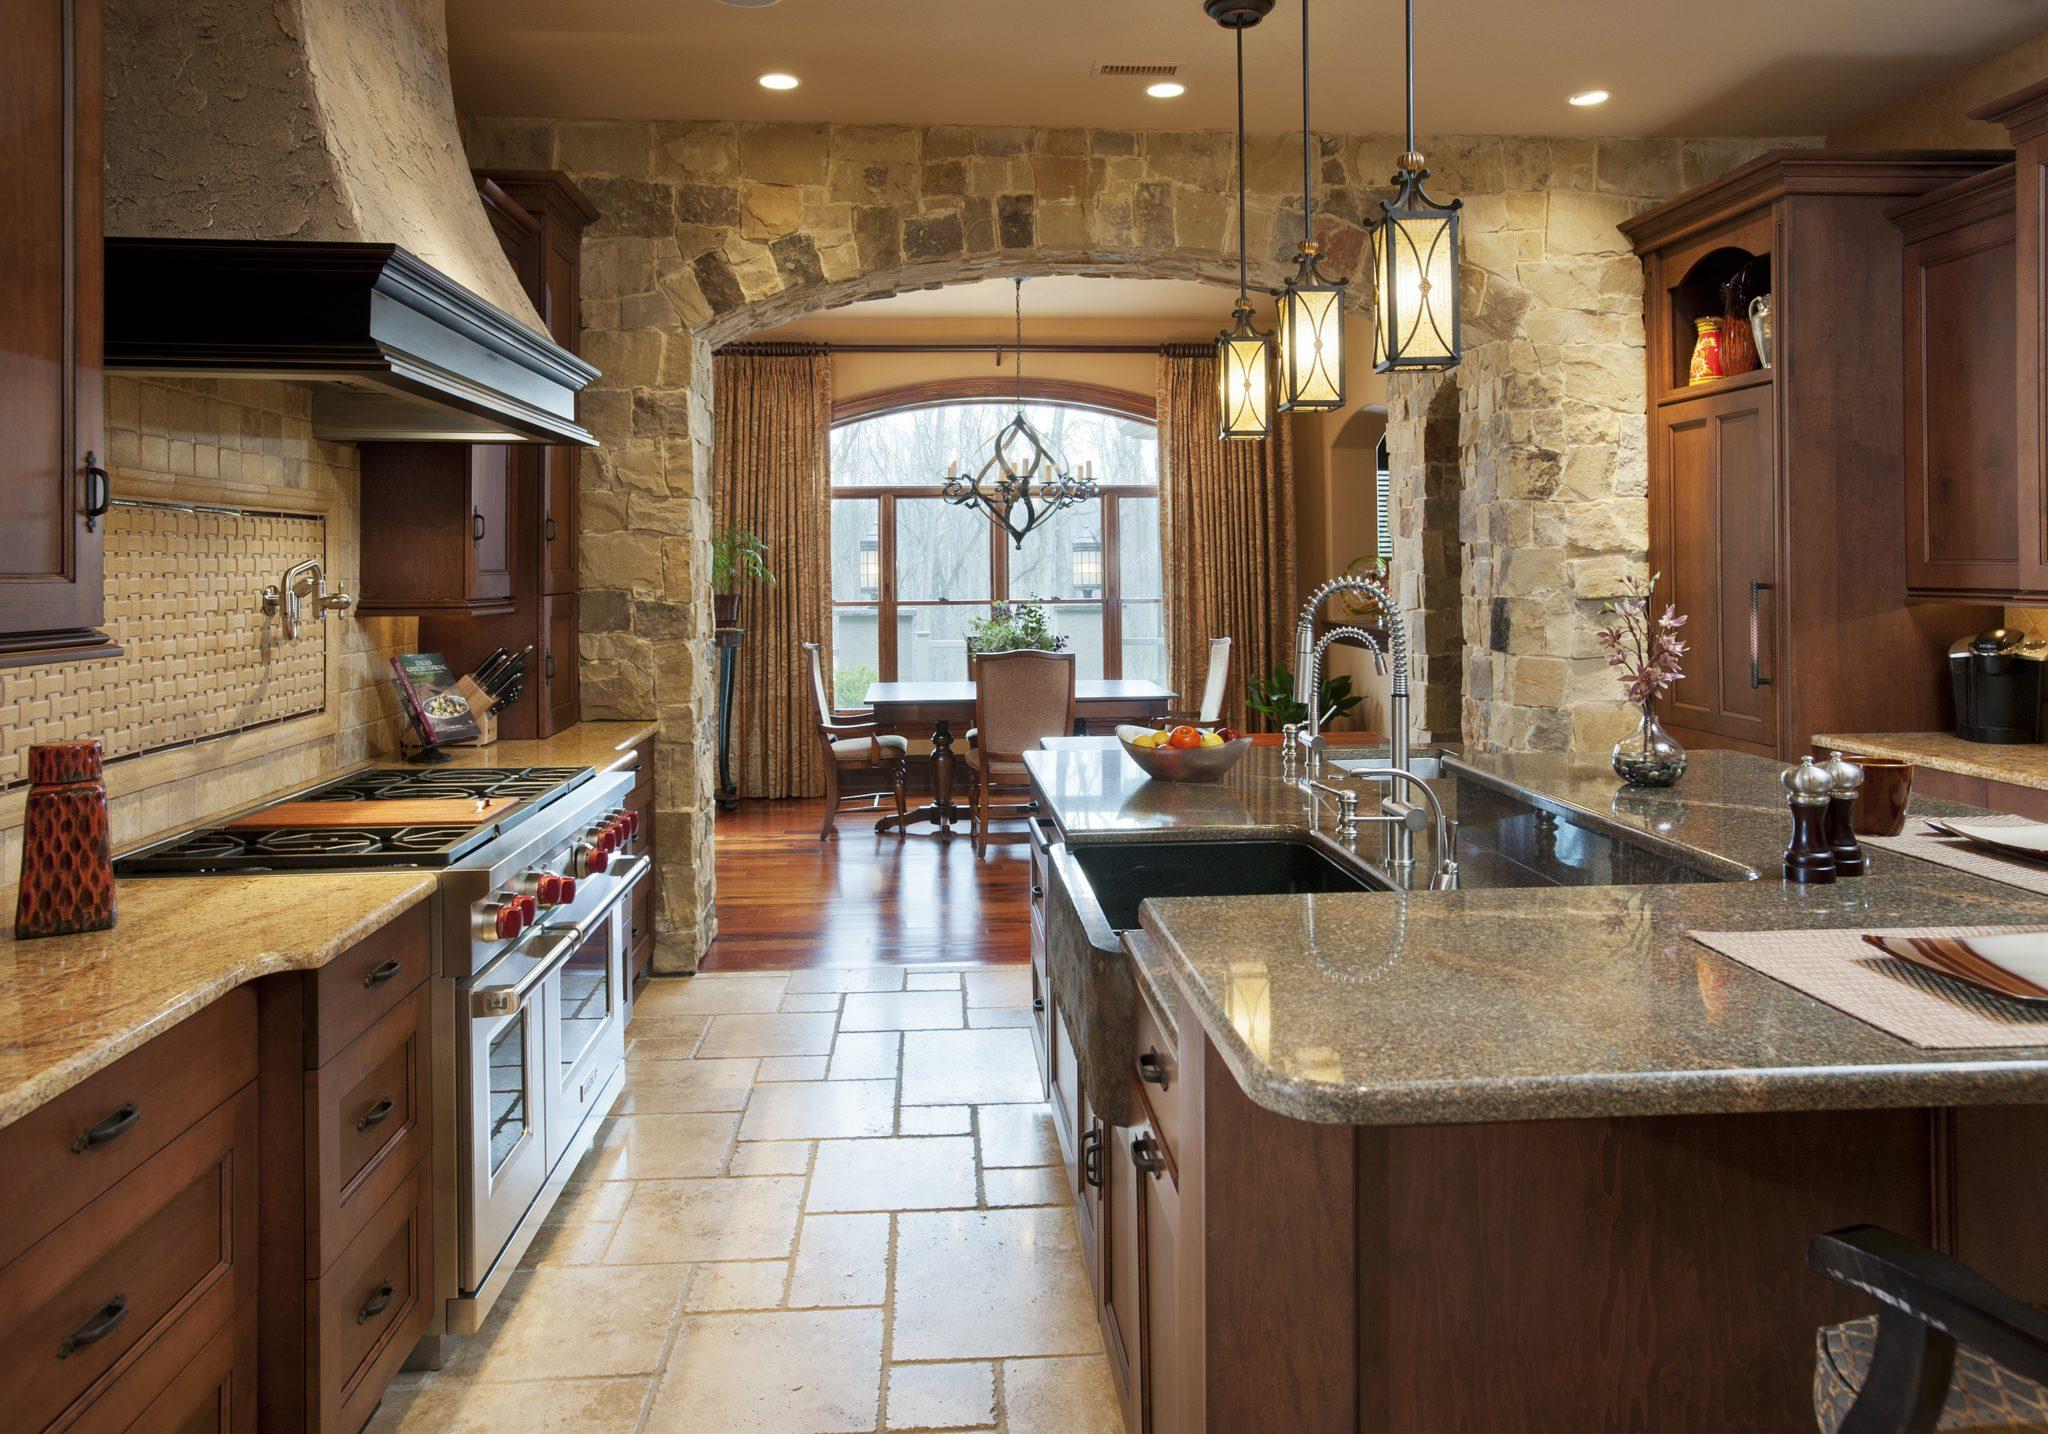 Rustic kitchen by WPL Interior Design